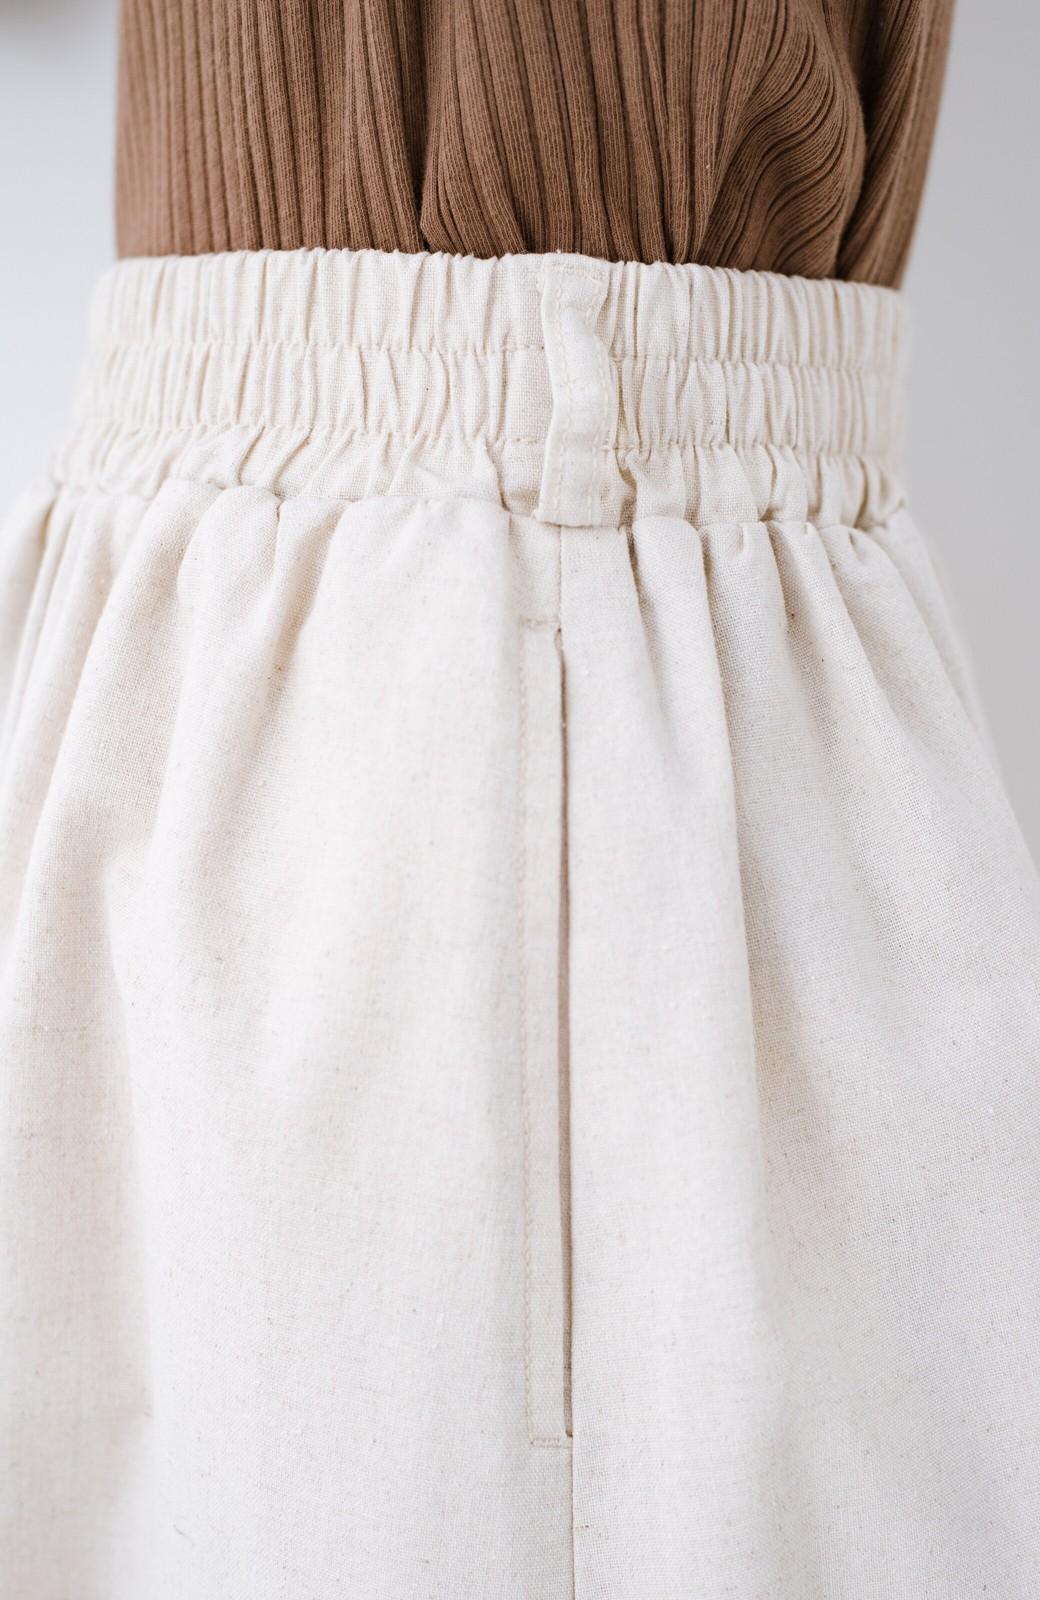 haco! 楽してスタイルが決まる 涼やか麻混スカート <ベージュ>の商品写真6